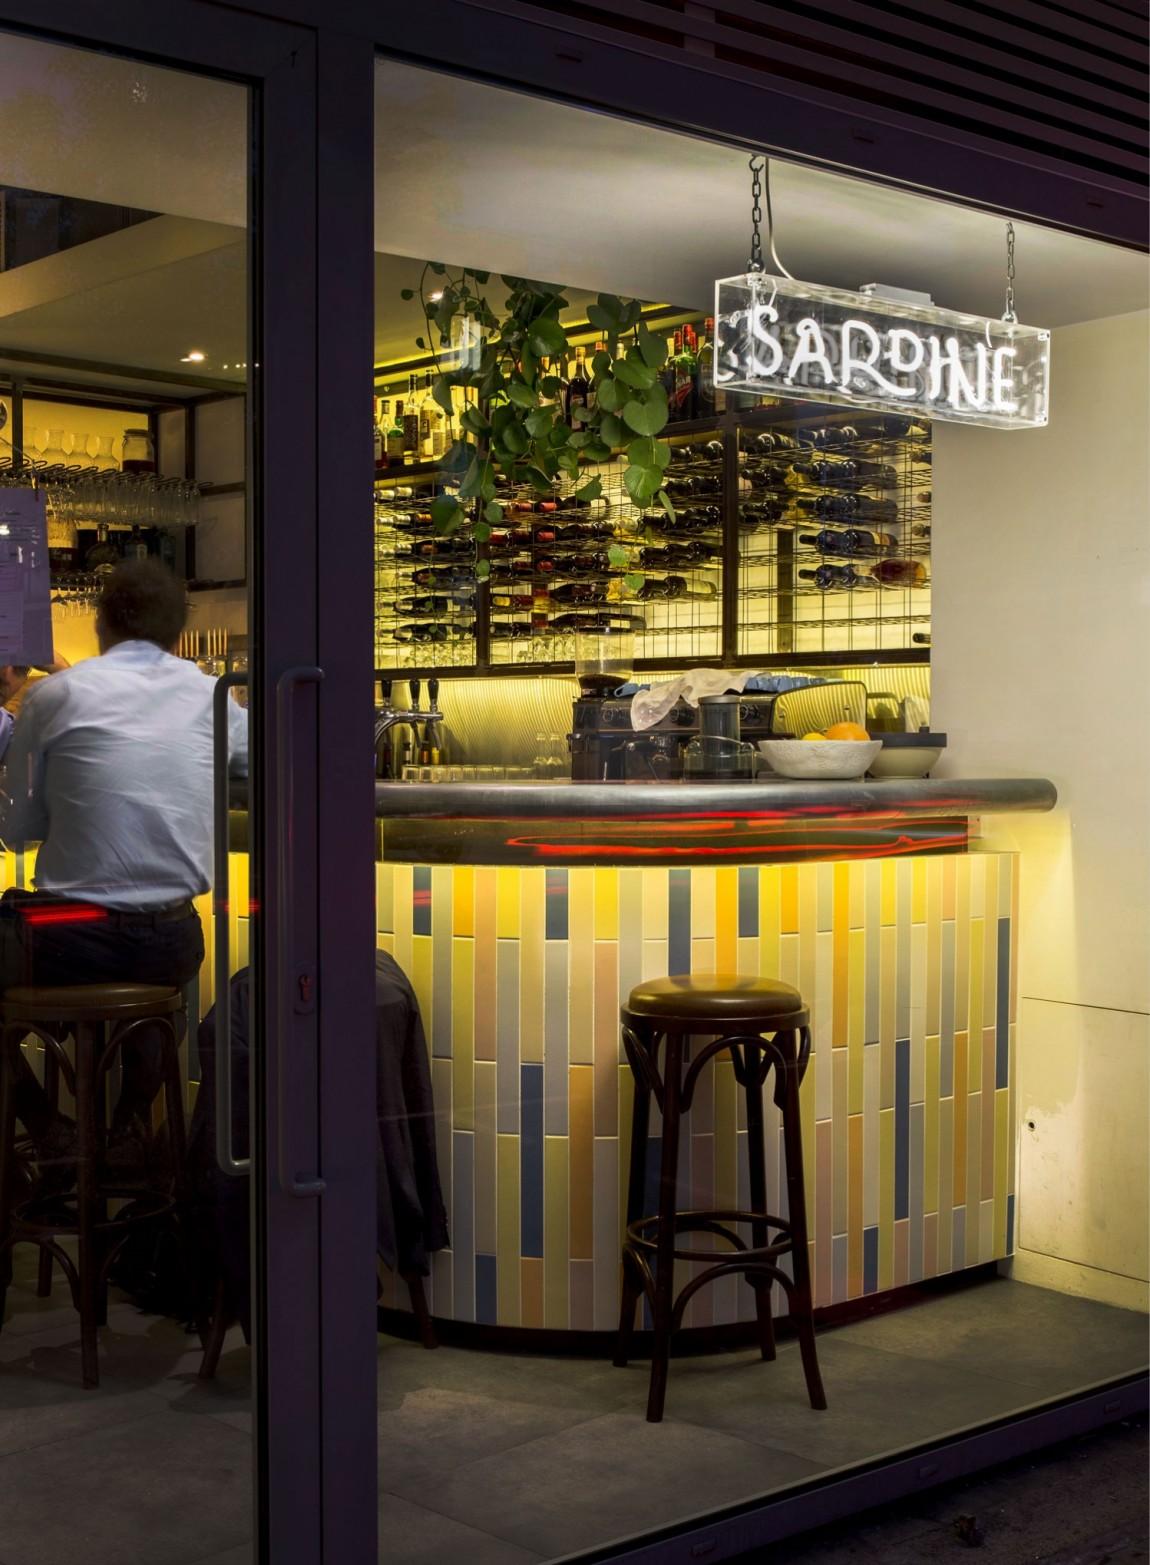 Sardine乡村餐厅餐饮品牌vi设计,餐厅空间设计